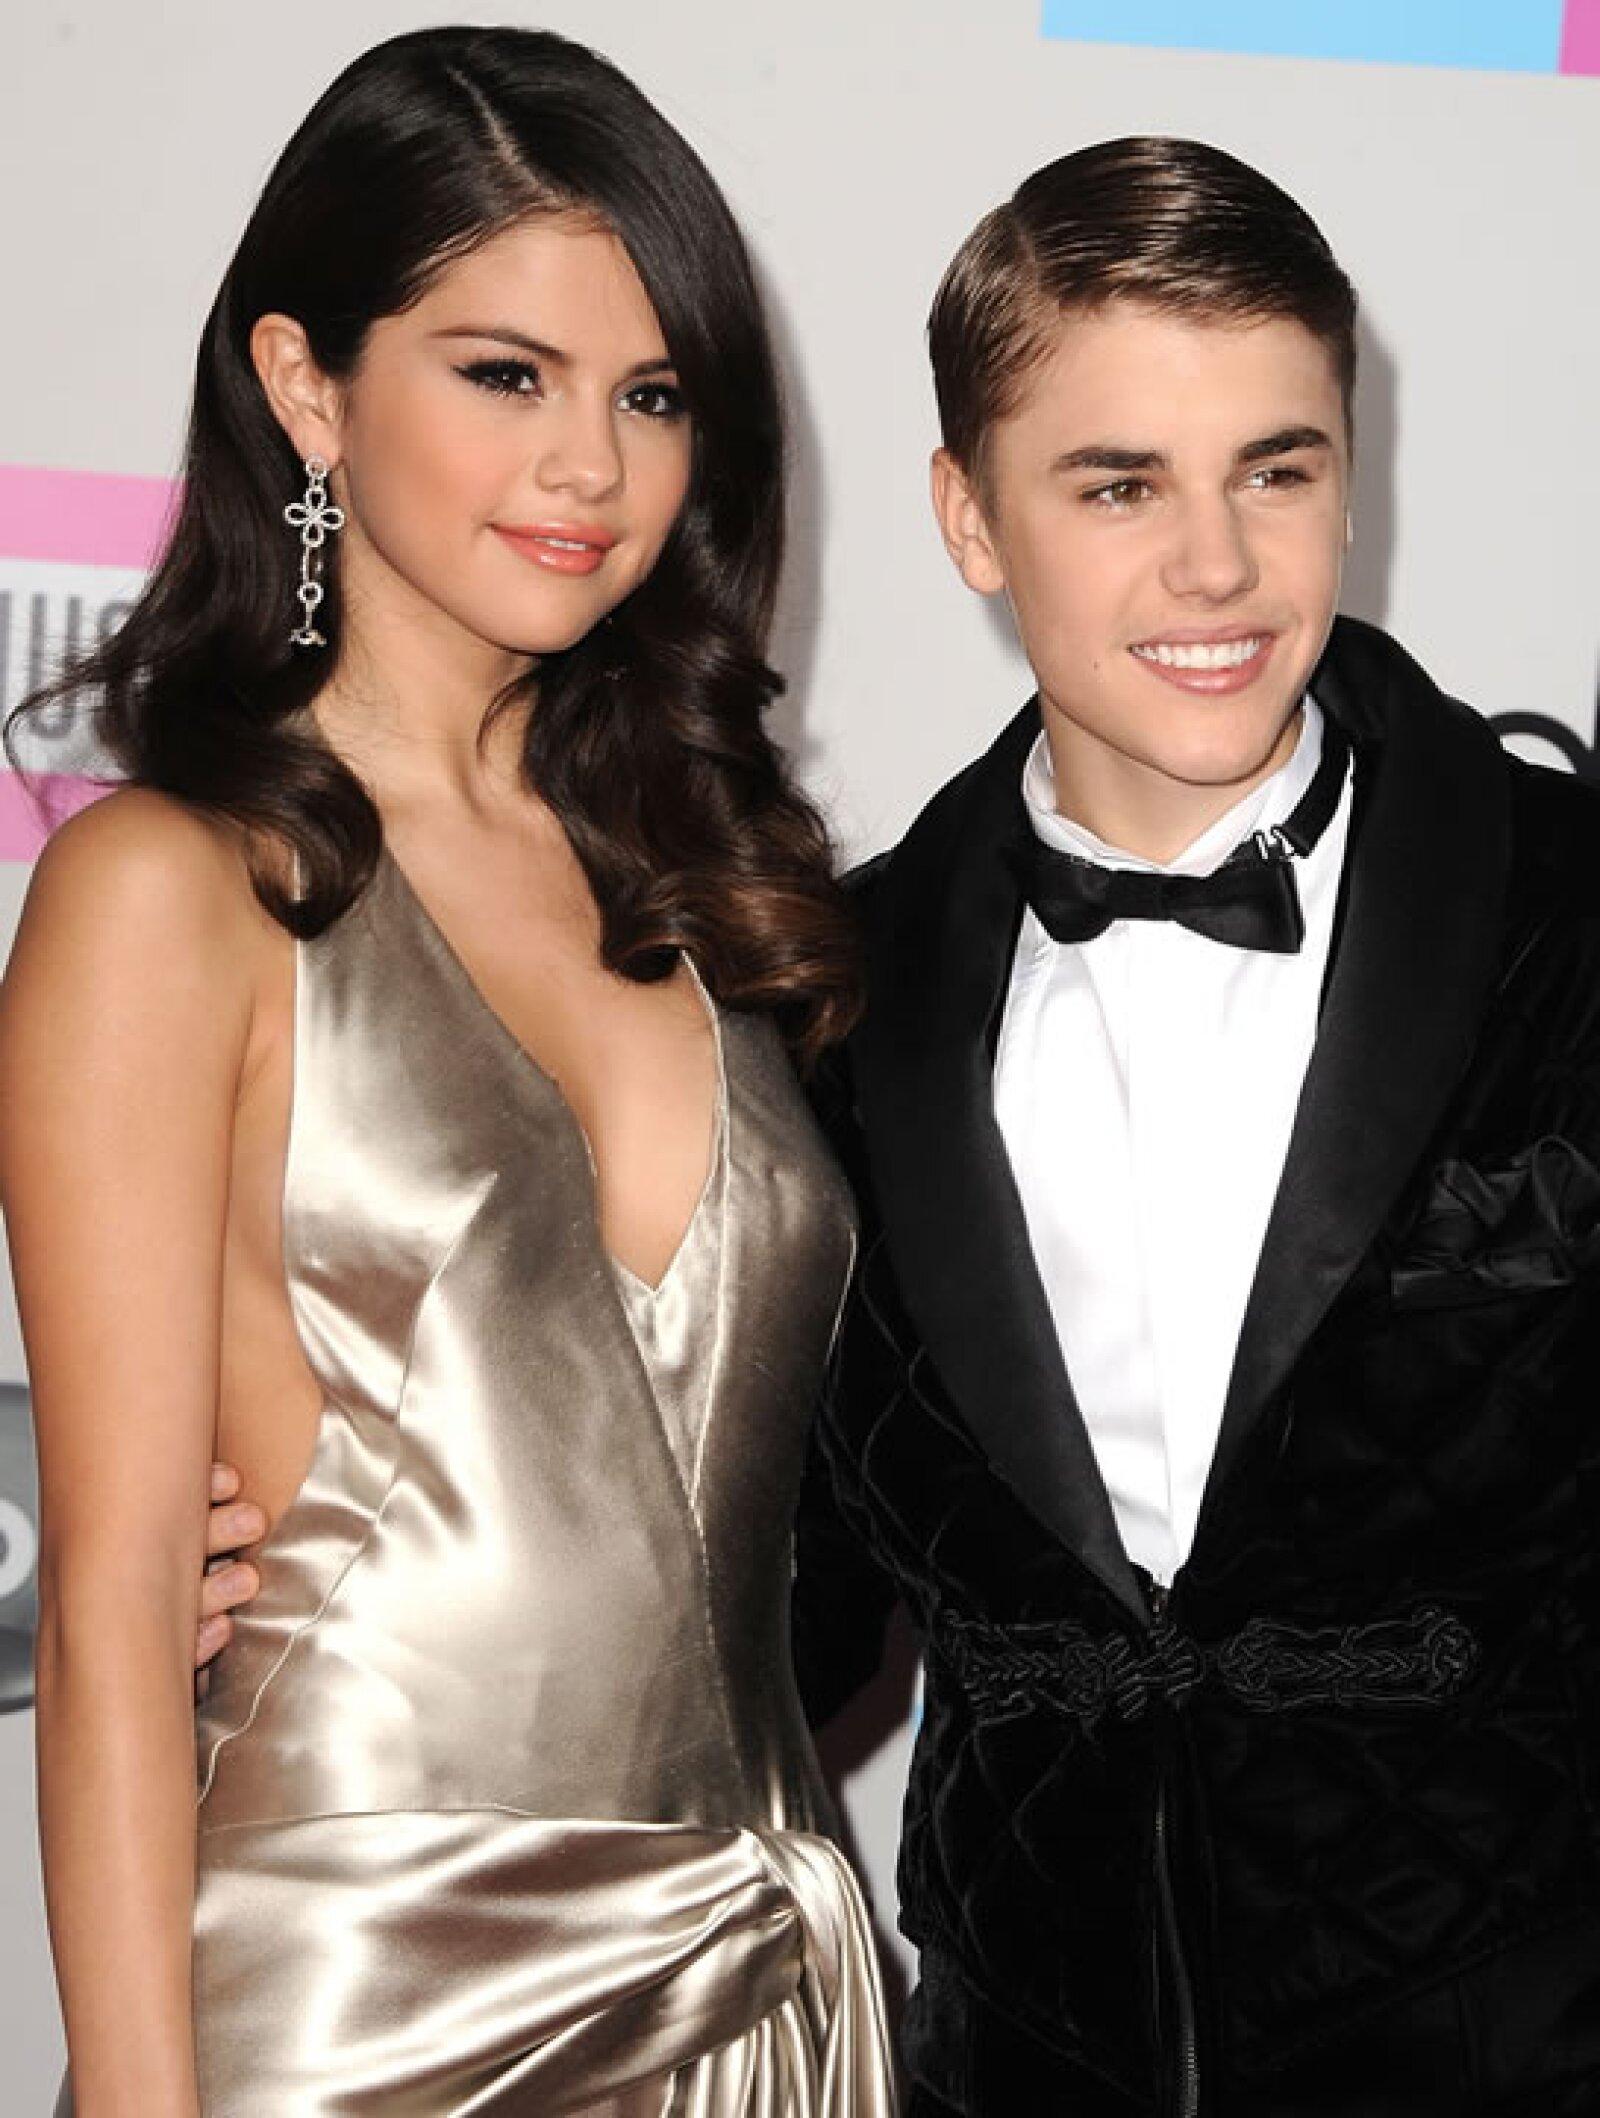 Selena Gomez y Justin Bieber- `Justin y Selena dijeron que su última ruptura fue para ajustar  horarios, ya entendí  Justin tenía ciencia de 3ro y Selena de 6to y sólo podían verse en el recreo´.